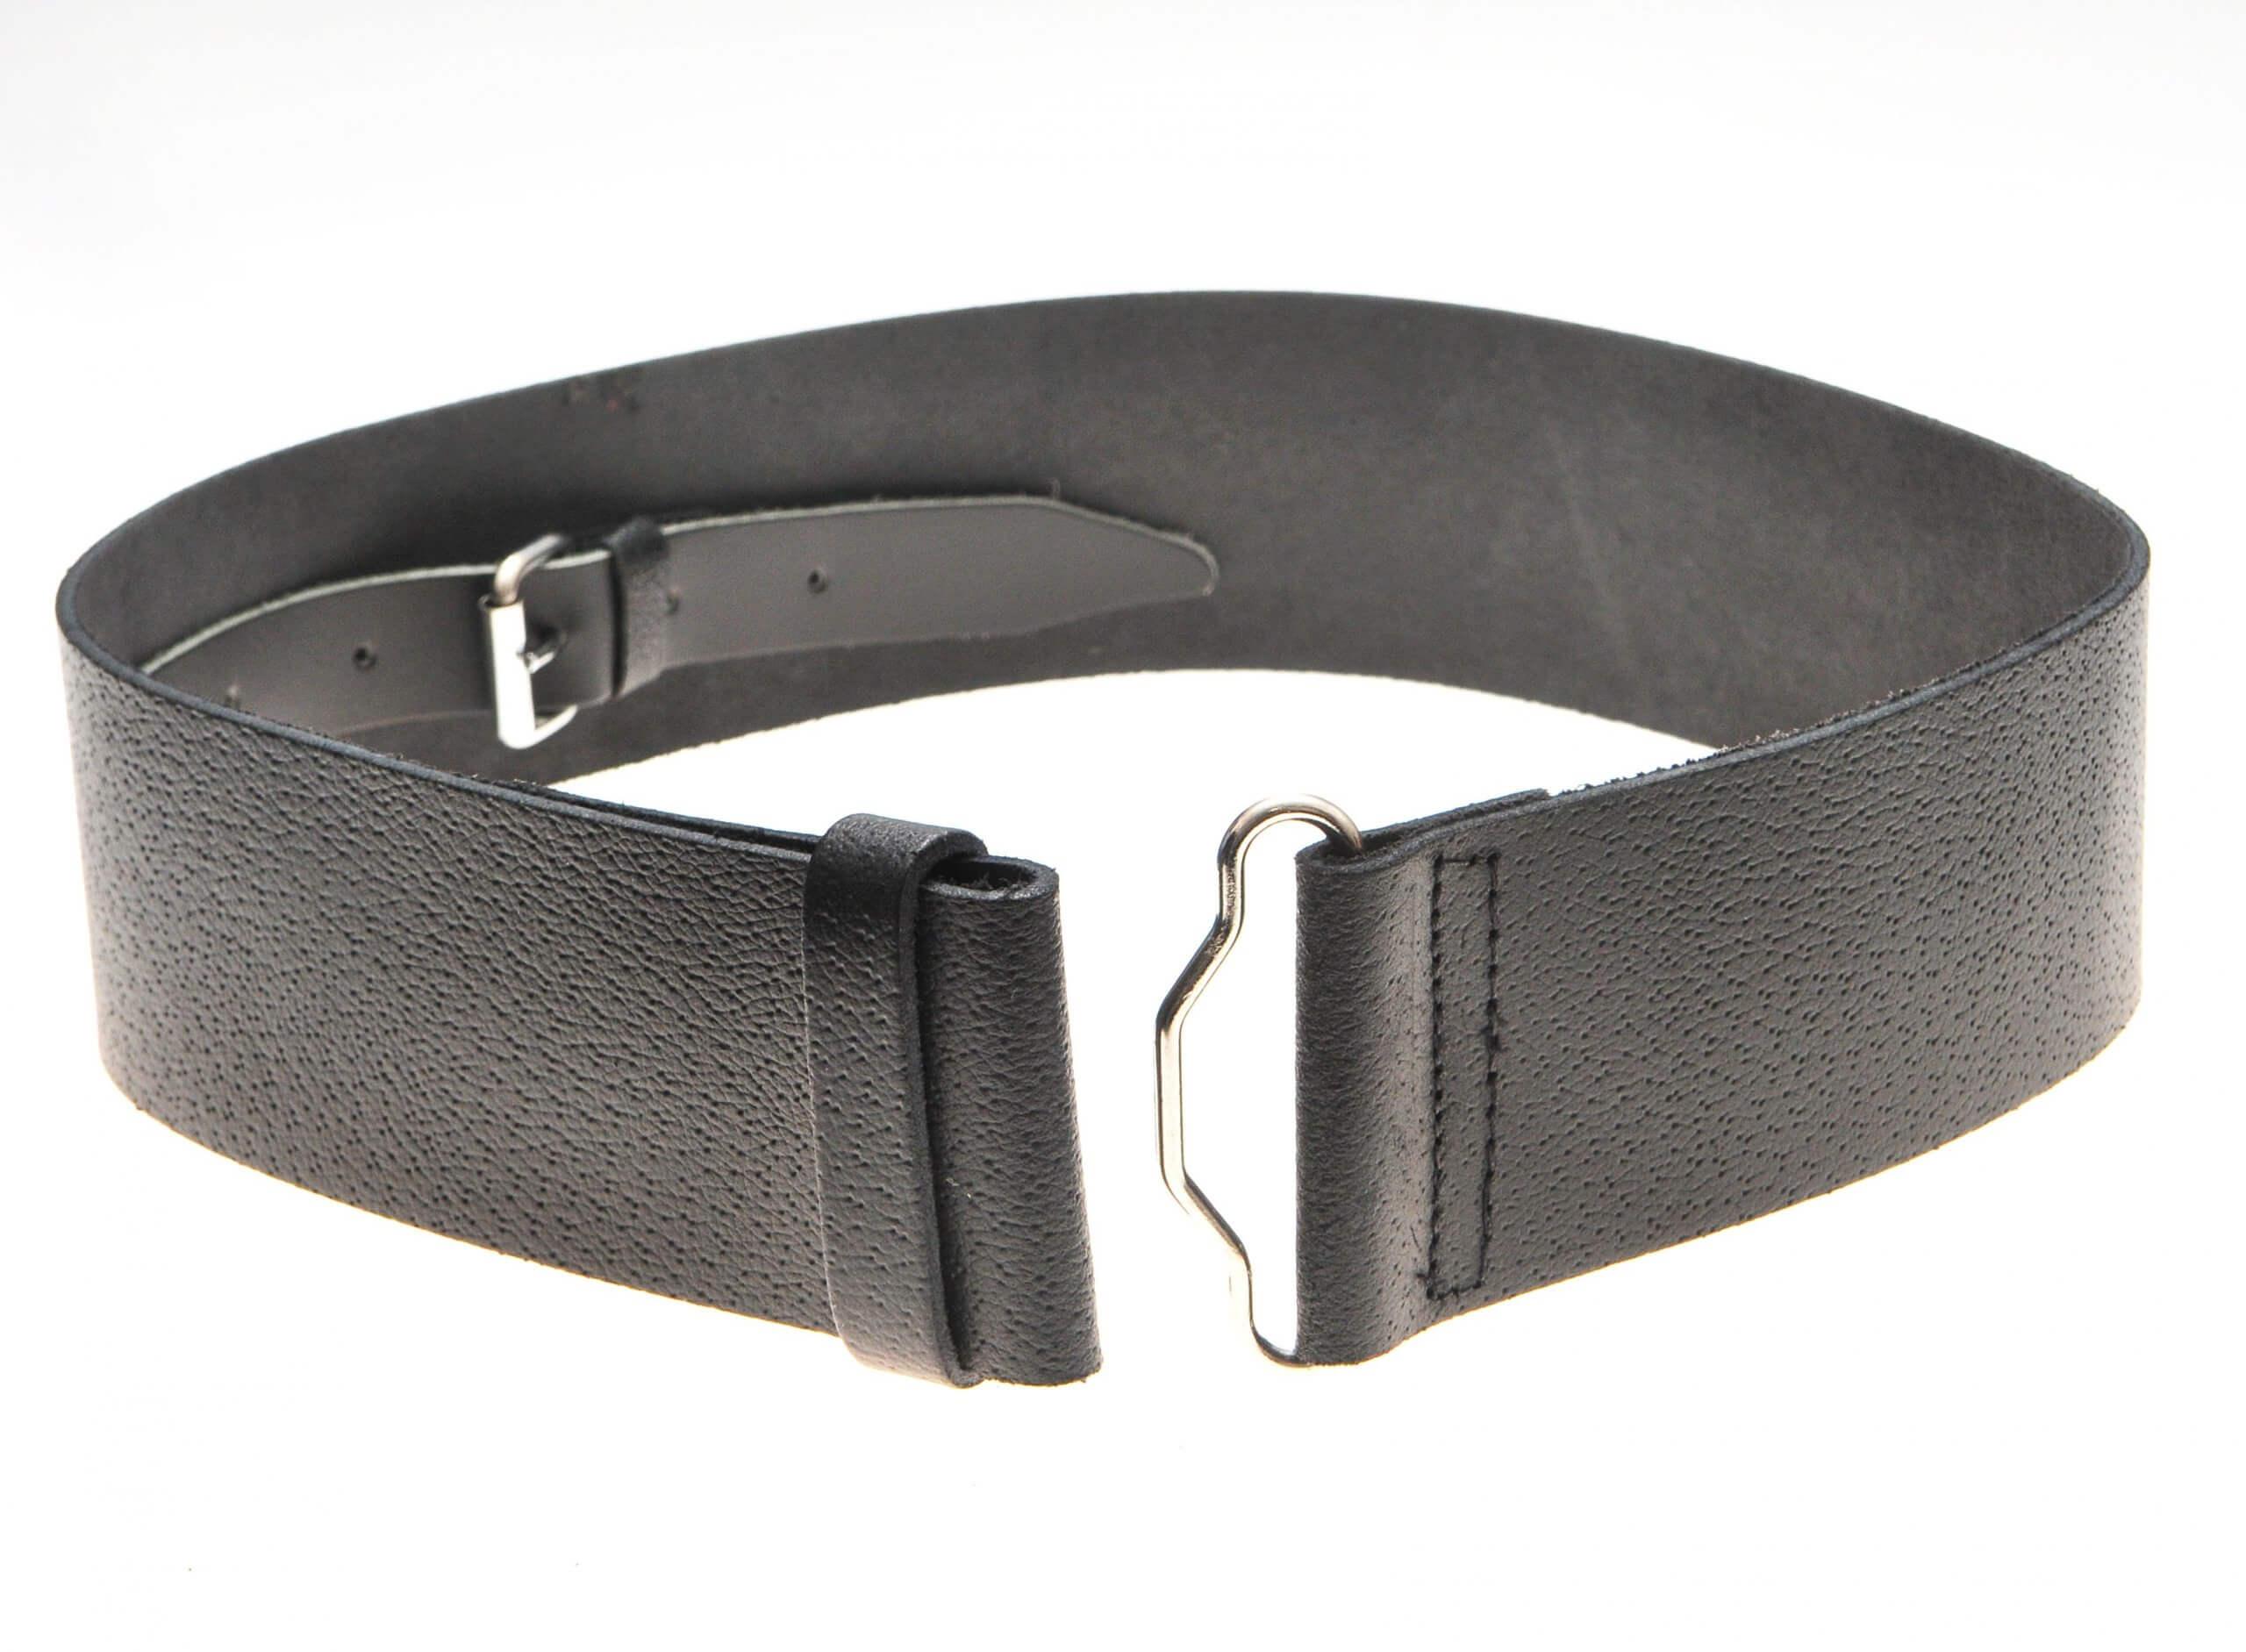 Kilt Belt - Buckle Adjustable